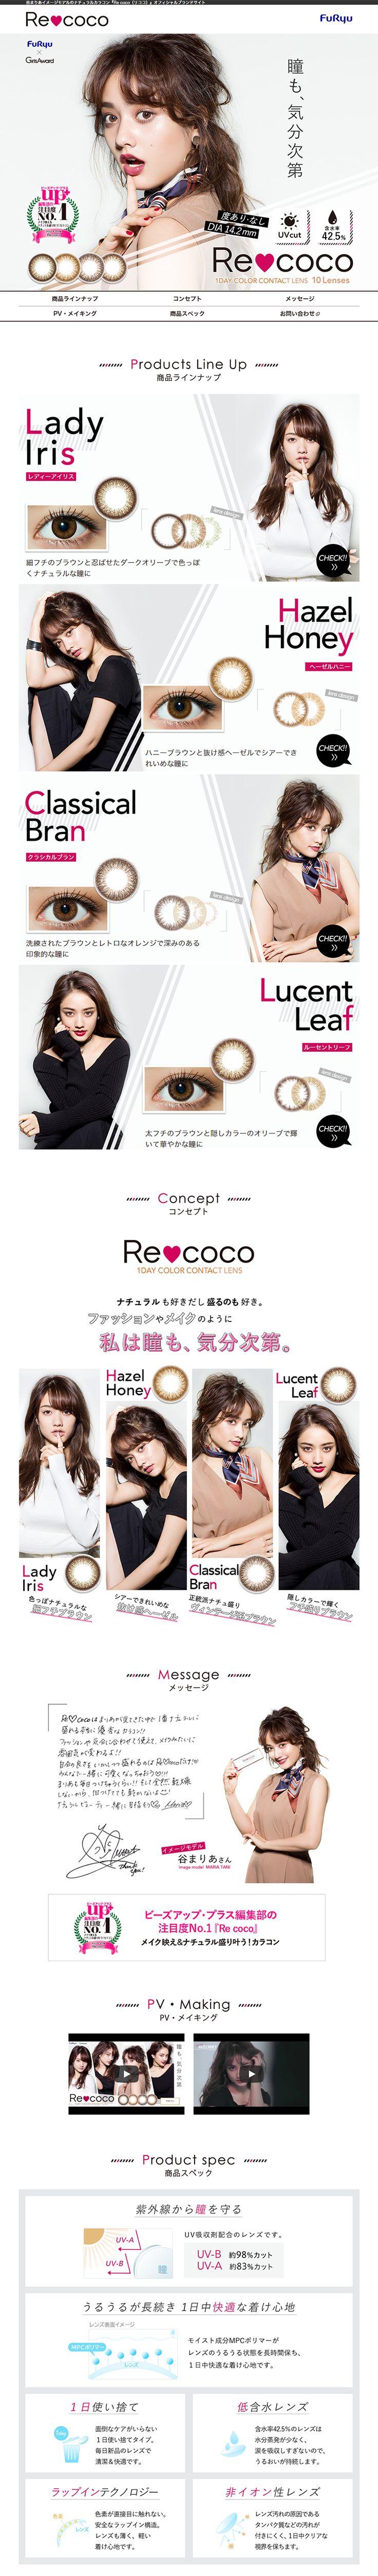 フリュー様の「Re coco」のランディングページ(LP)シンプル系|美容・スキンケア・香水 #LP #ランディングページ #ランペ #Re coco